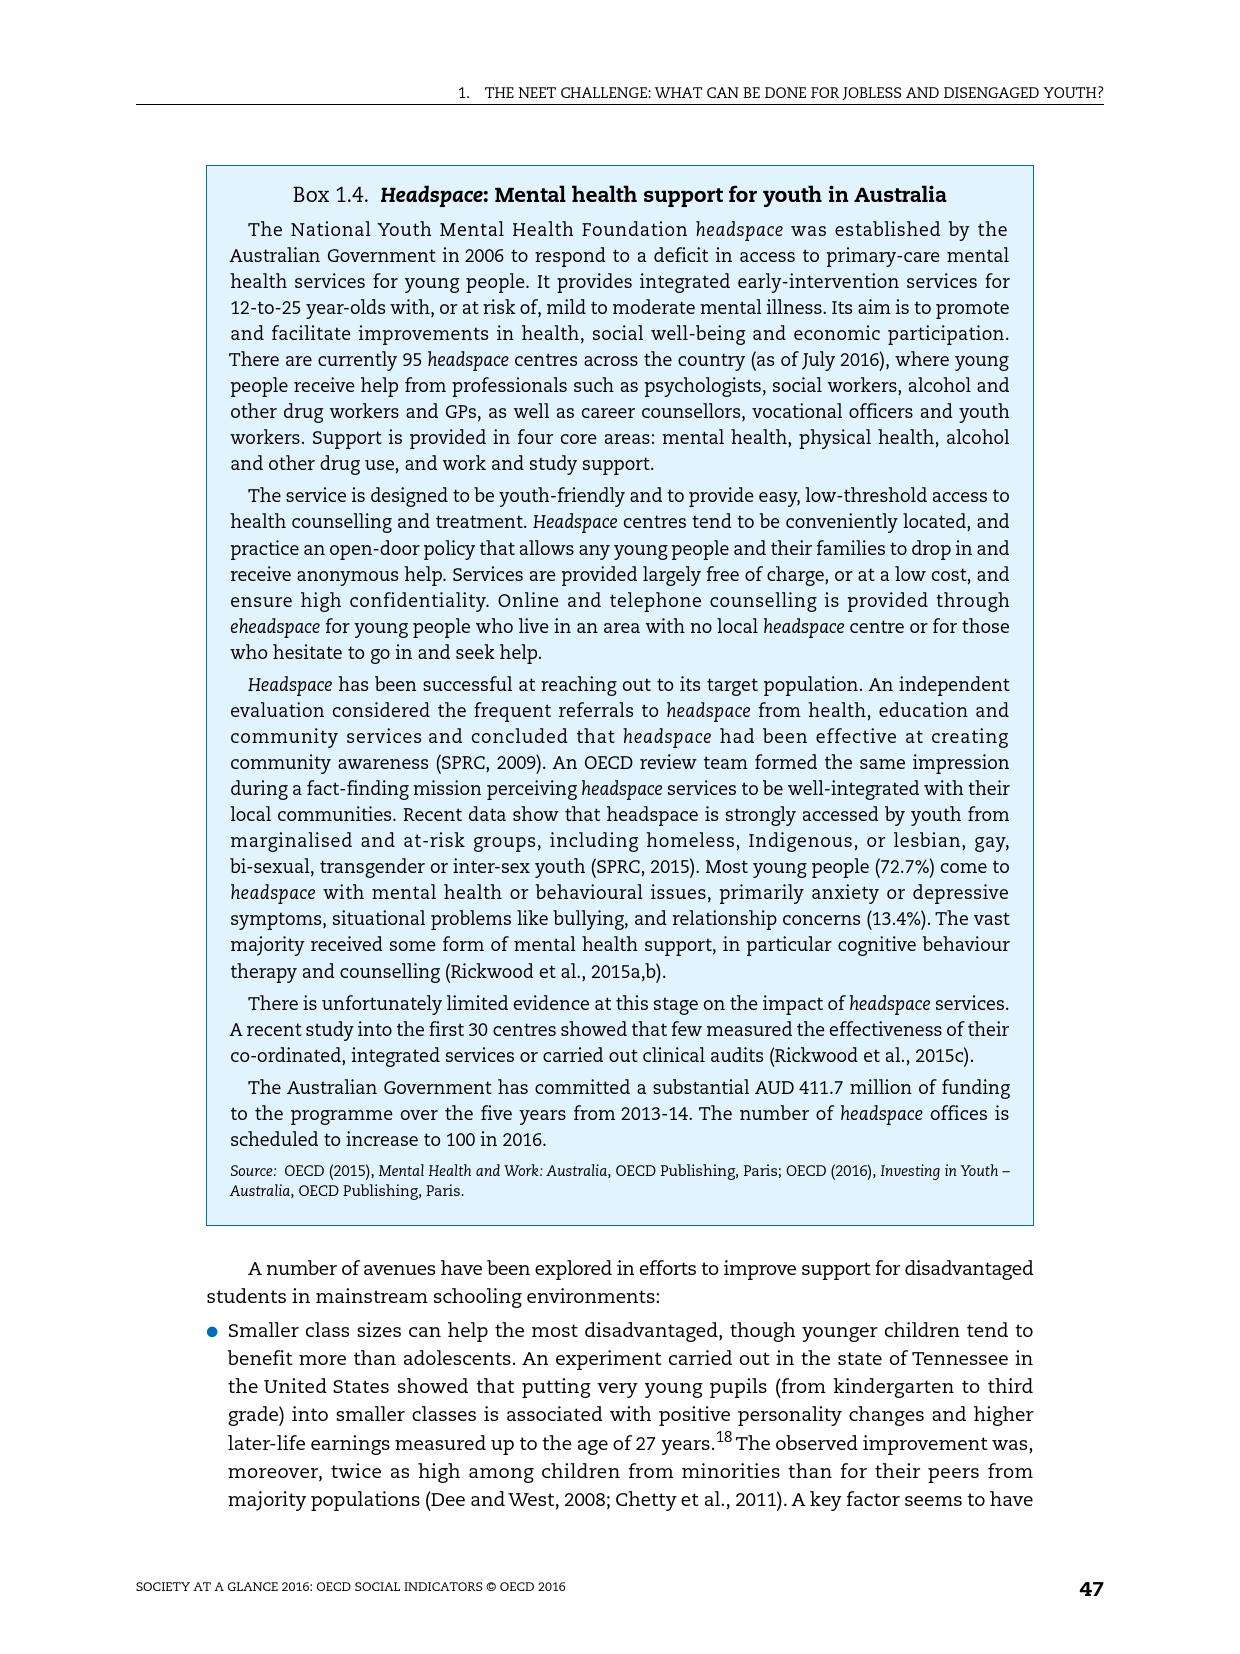 2016年OECD国家社会概览报告_000049